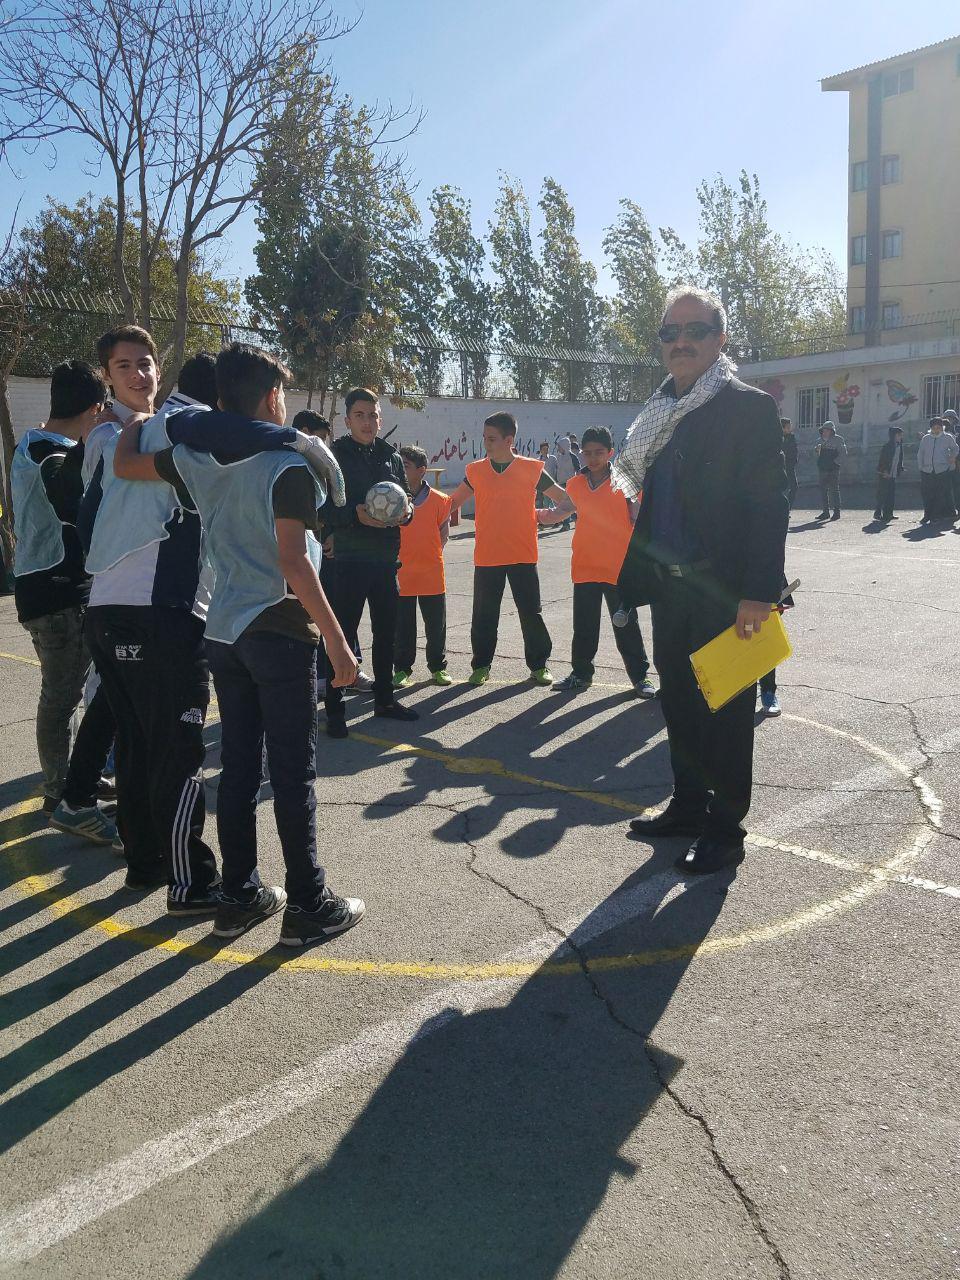 مسابقات فوتبال در مدرسه ی شهدای صنف گردبافان آغاز شد.